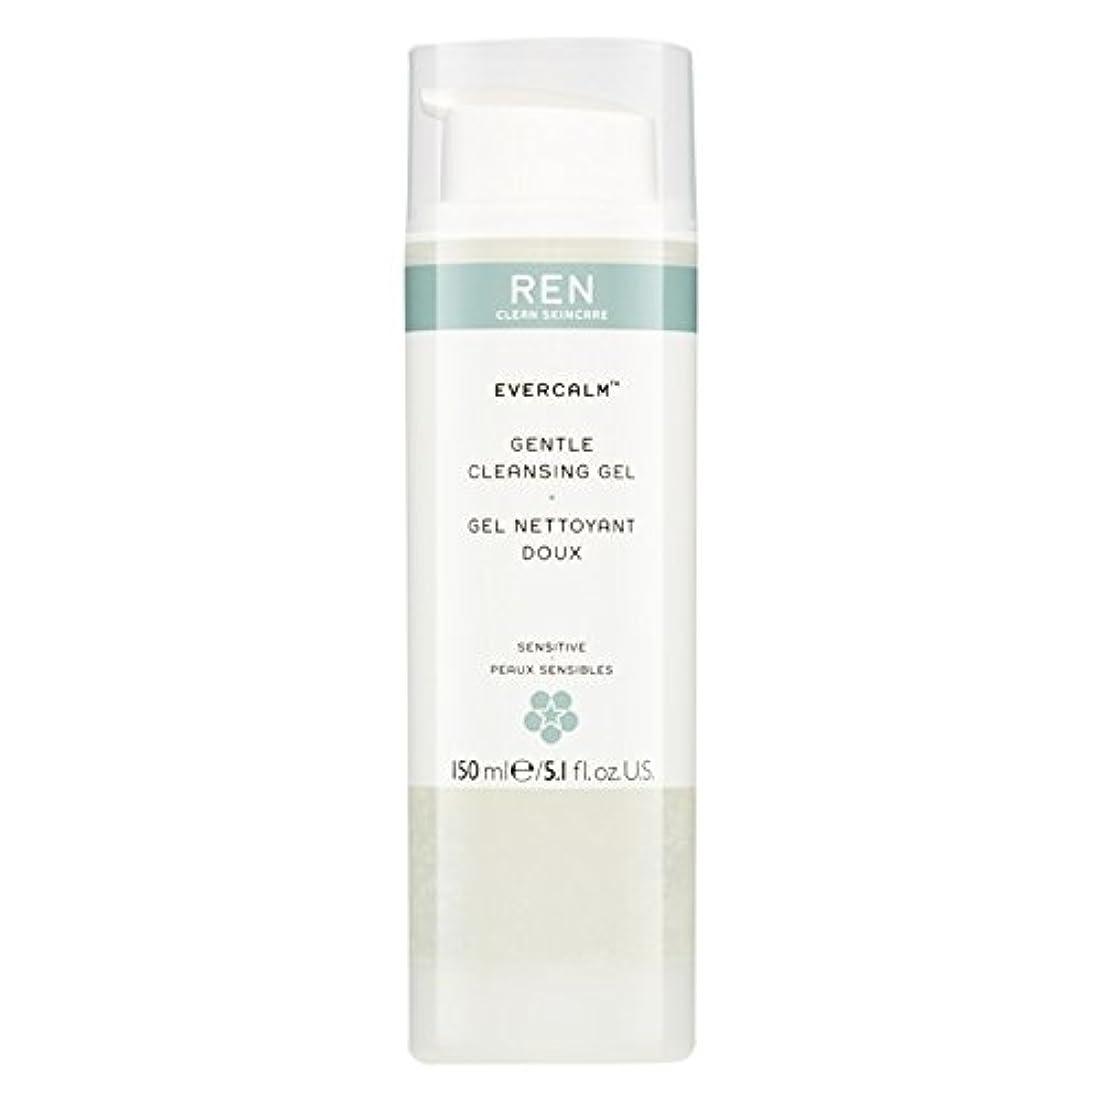 活力として均等にRen Evercalm優しいクレンジングジェル、150ミリリットル (REN) (x2) - REN Evercalm Gentle Cleansing Gel, 150ml (Pack of 2) [並行輸入品]